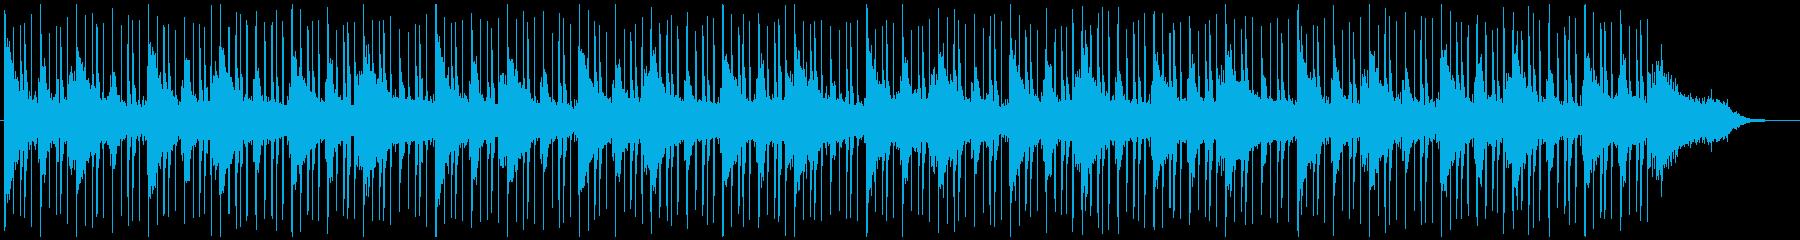 ループ系の使いやすいBGMの再生済みの波形